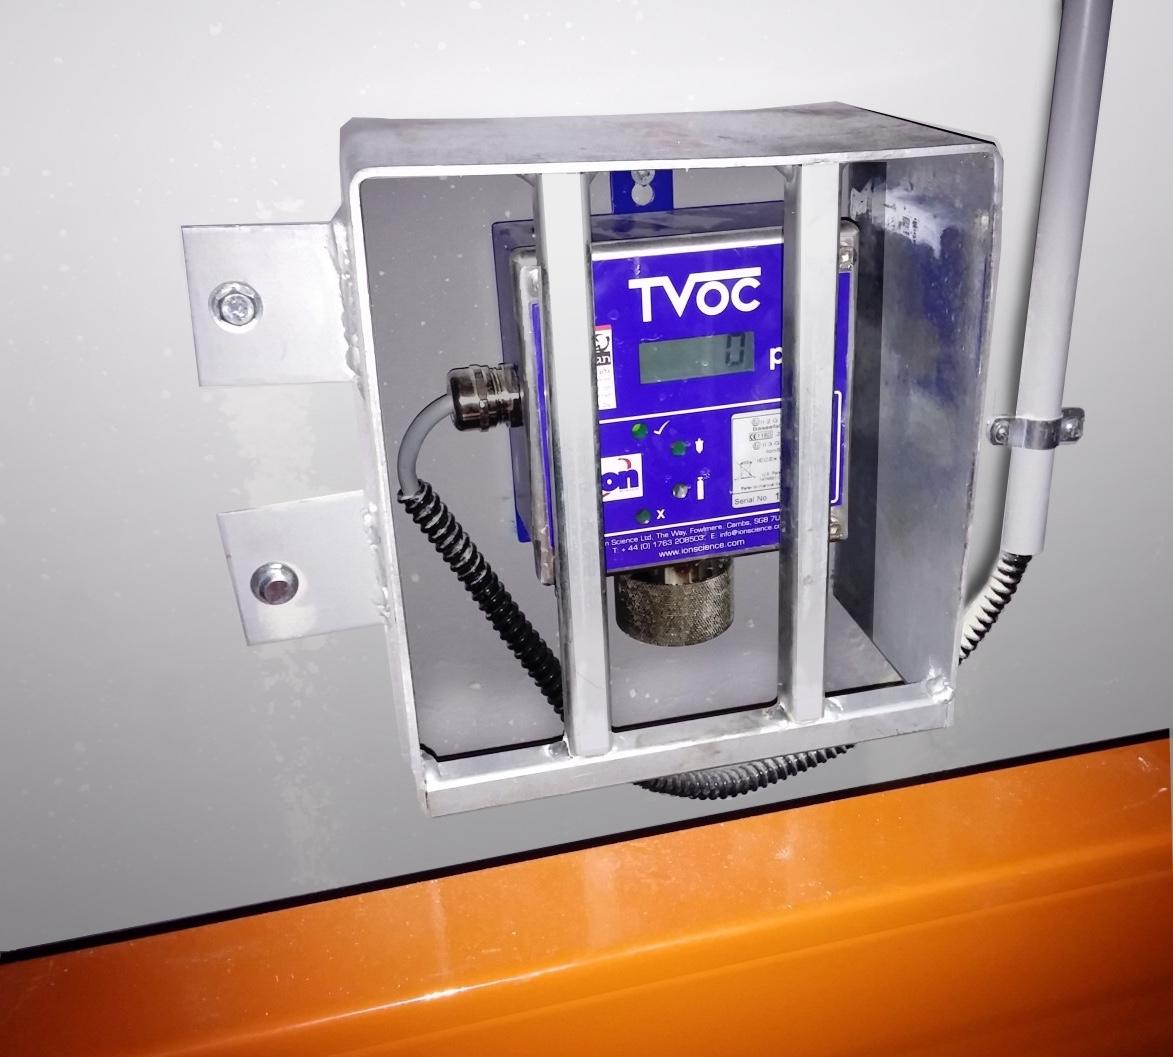 VOC monitor for leak detection